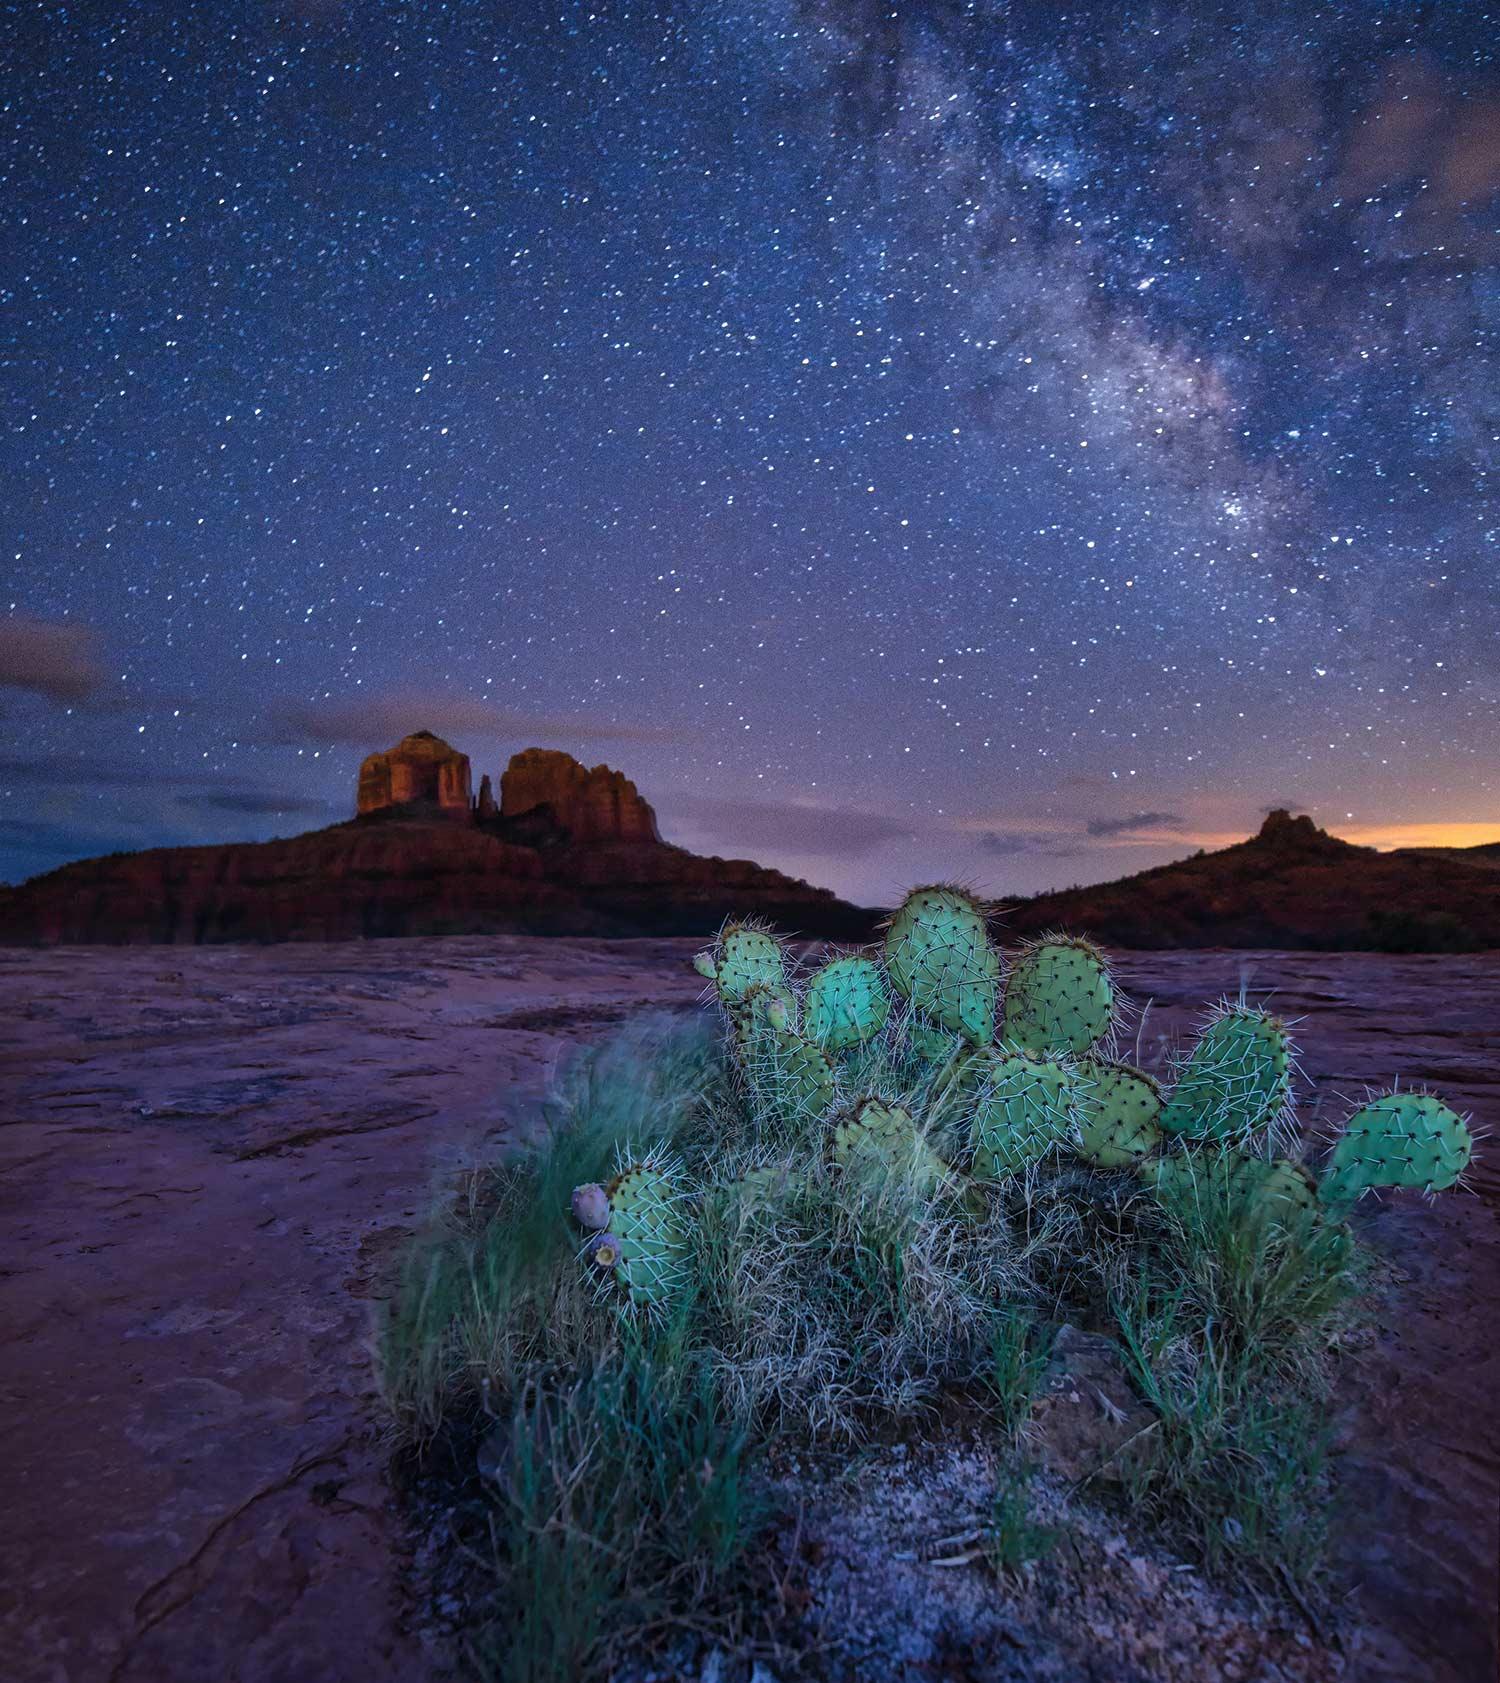 photo courtesy Adobe Stock Images